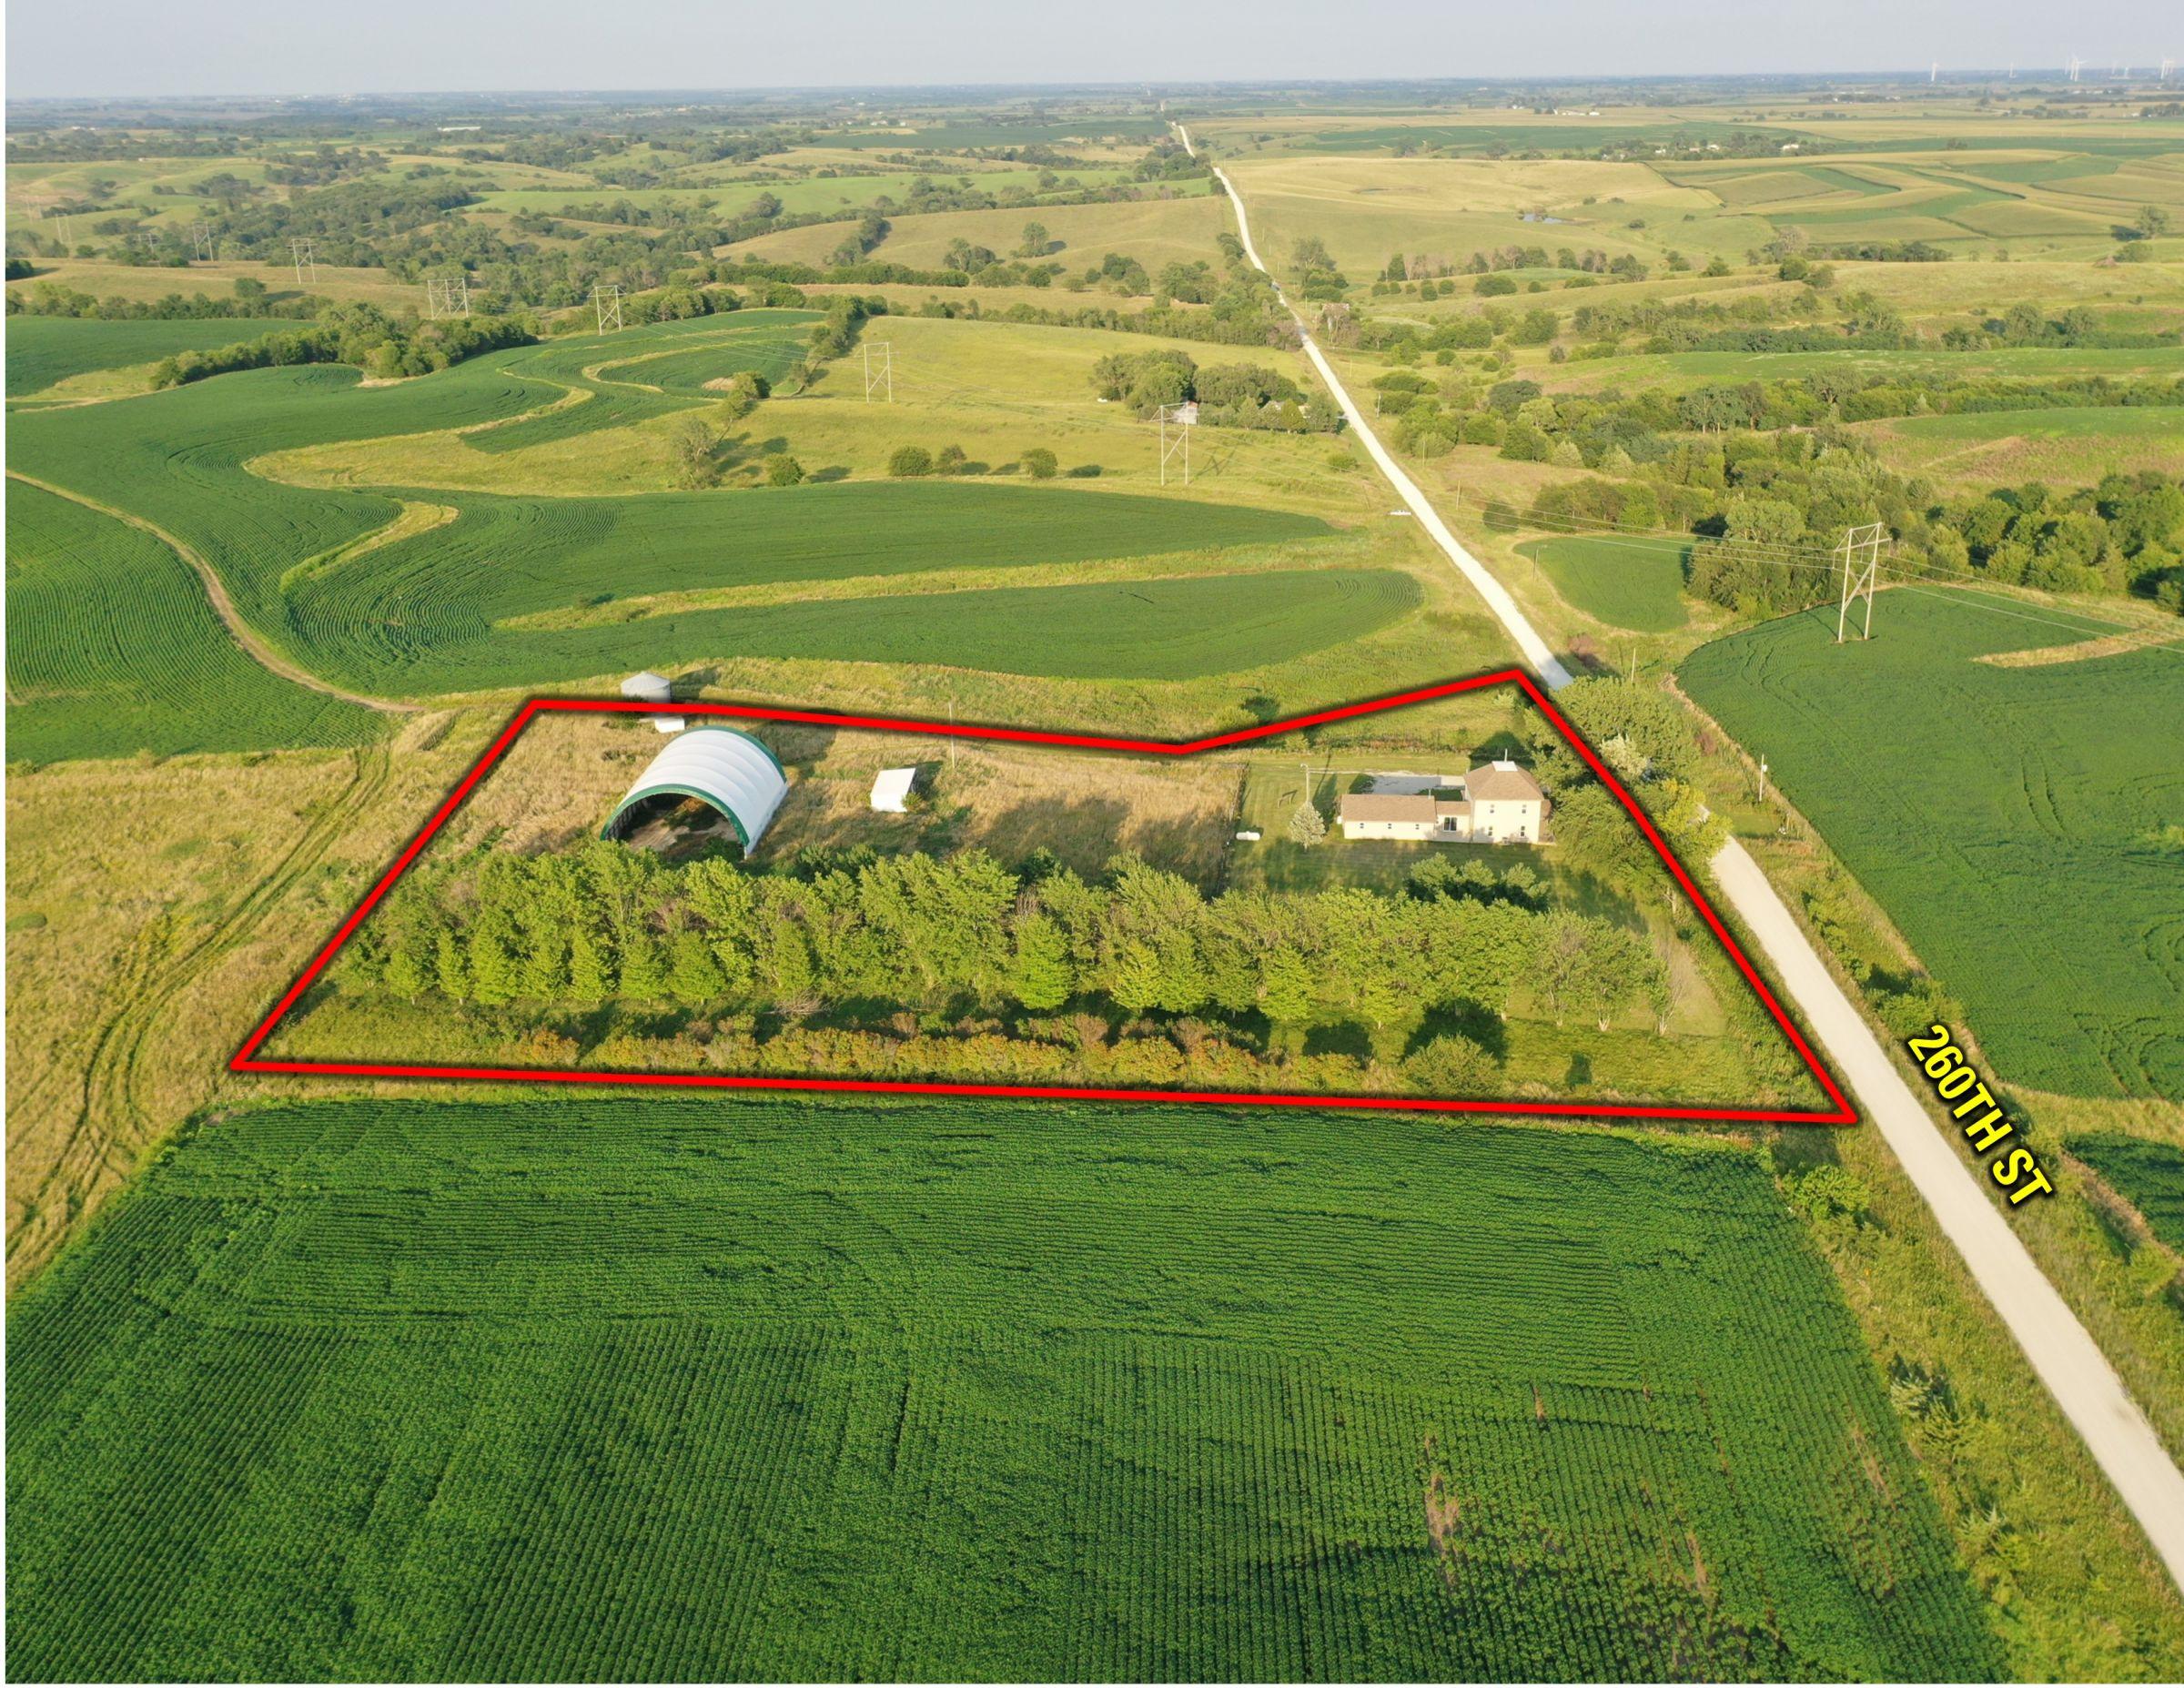 residential-adair-county-iowa-6-acres-listing-number-15664-5-2021-08-04-193532.jpg